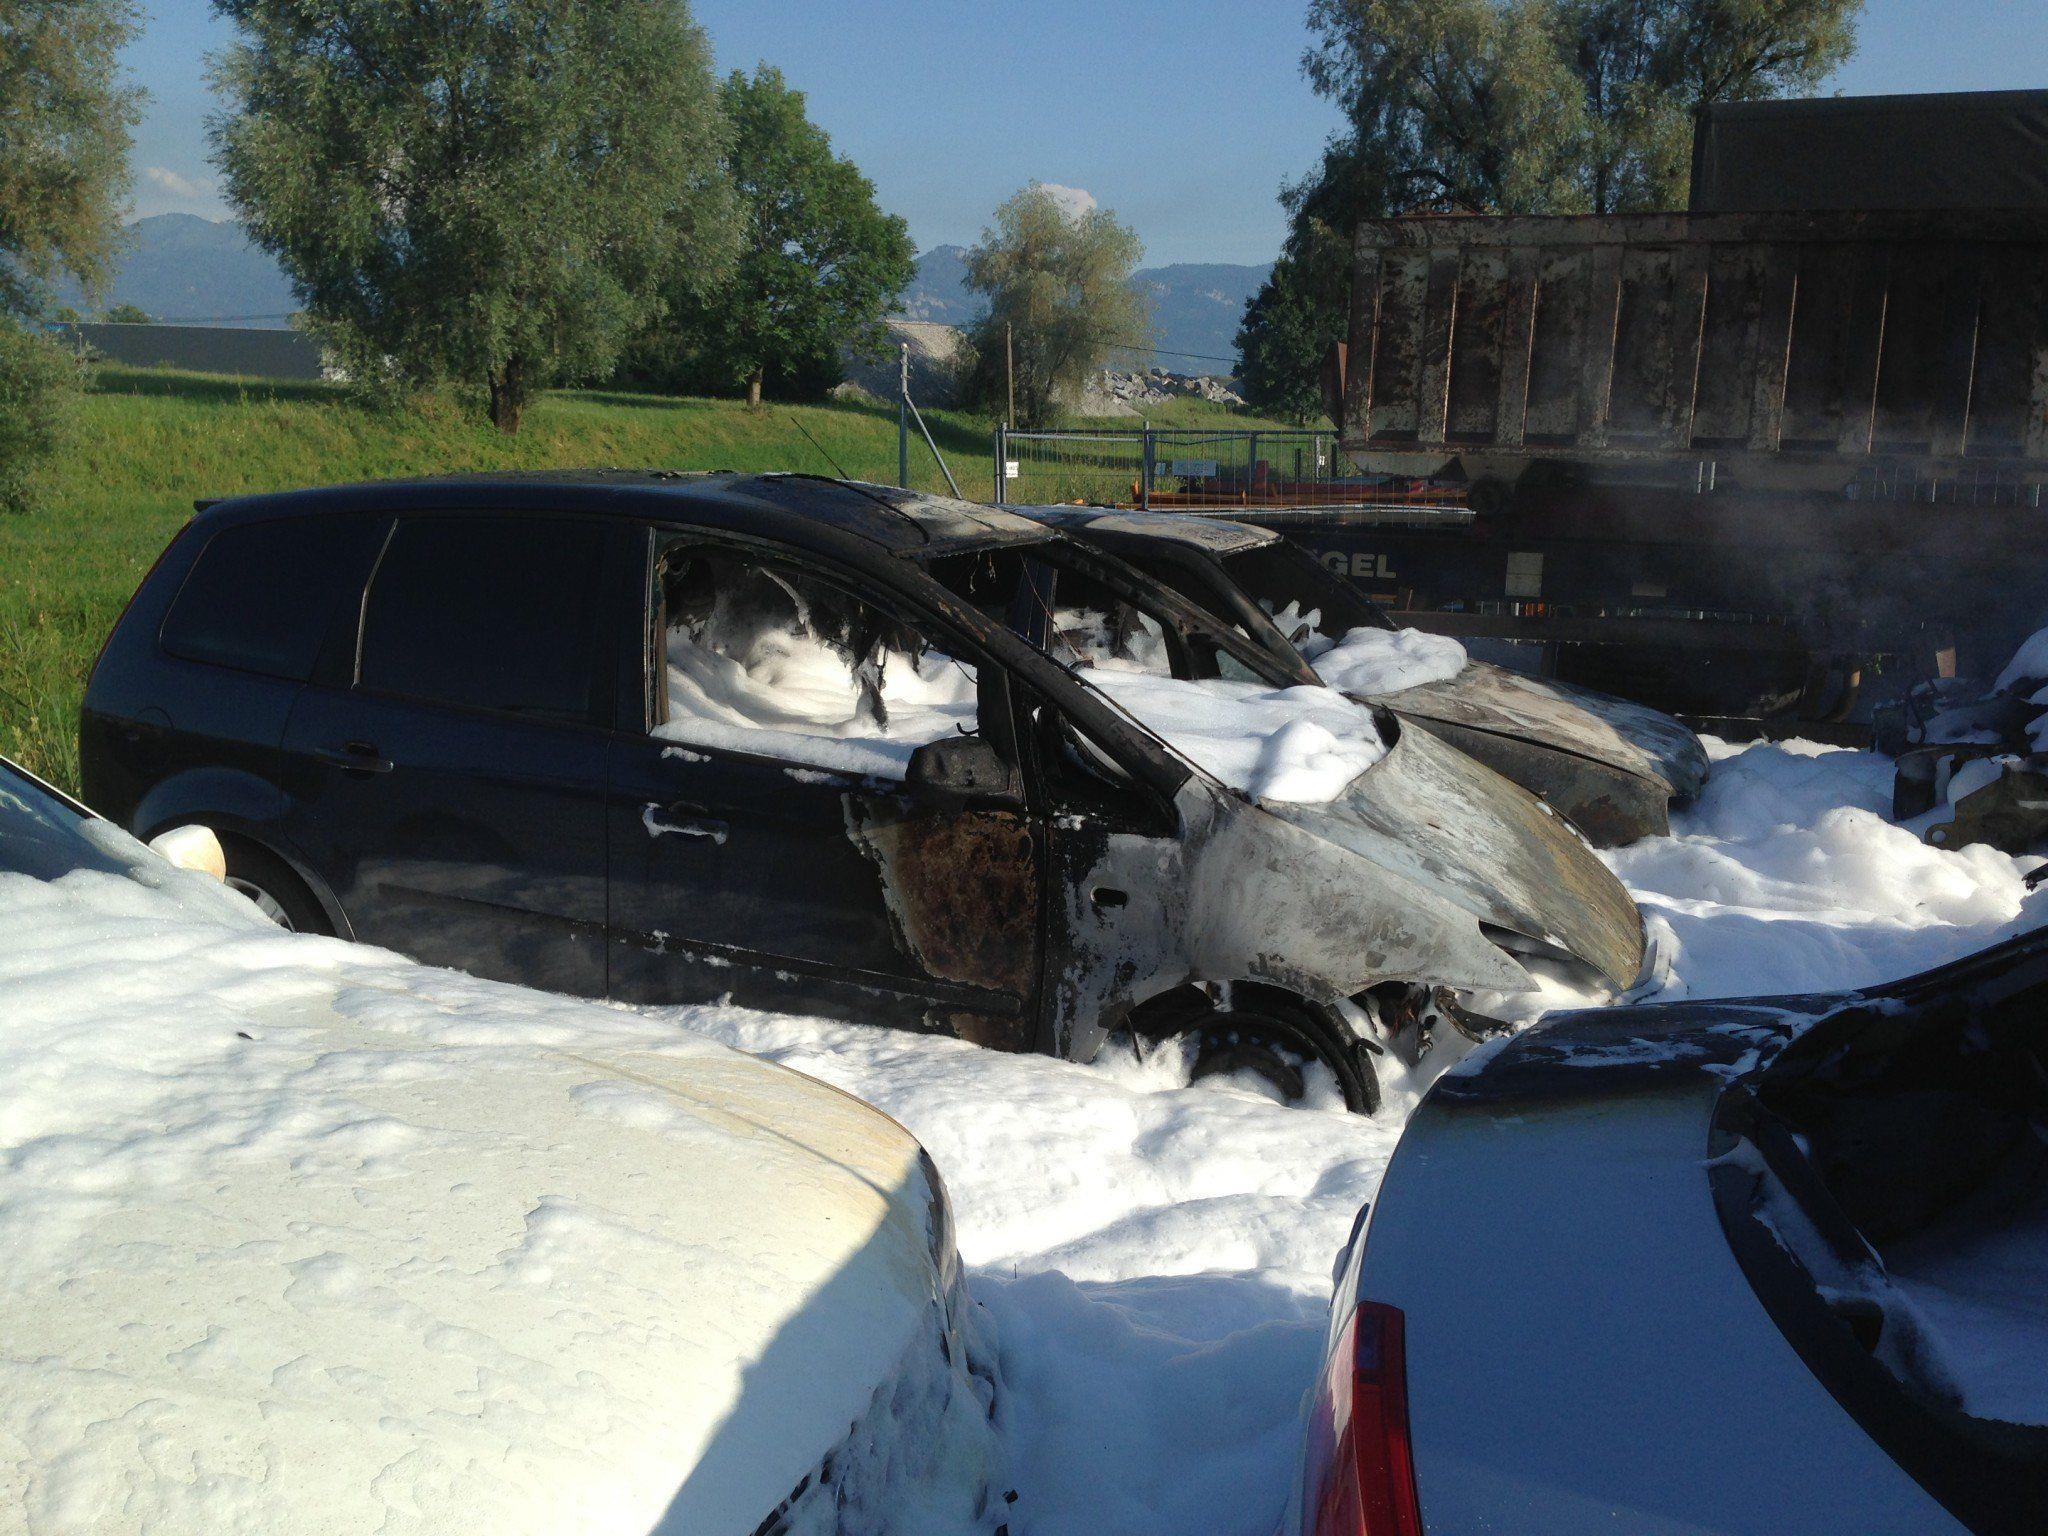 Feuerwehreinsatz in Hard: Fahrzeuge in Brand geraten.